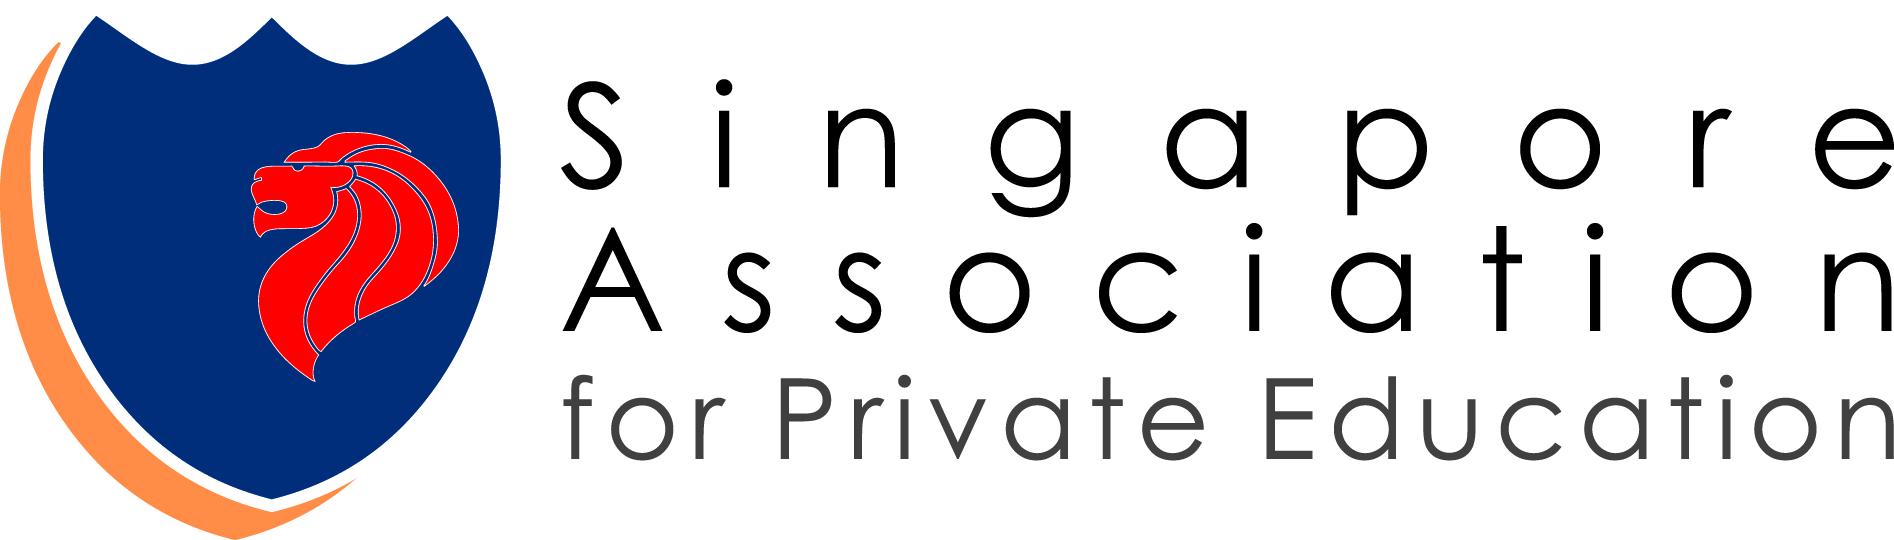 Singapore Association for Private Education (SAPE) Logo